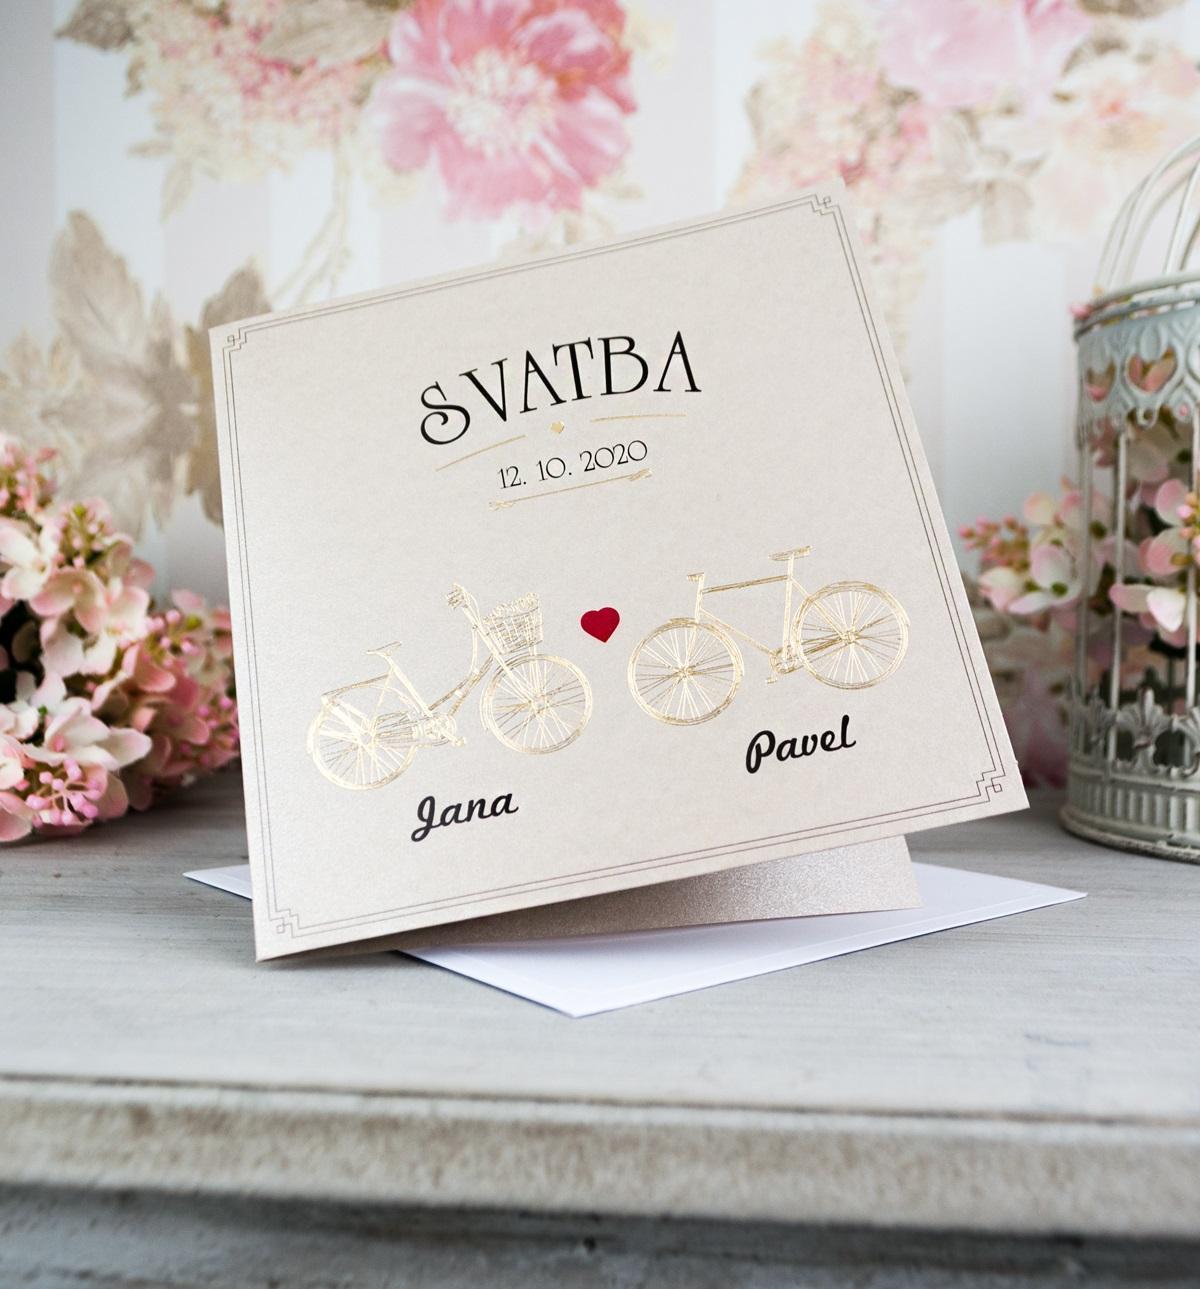 Svatební oznámení pro rok 2017 - Obrázek č. 3